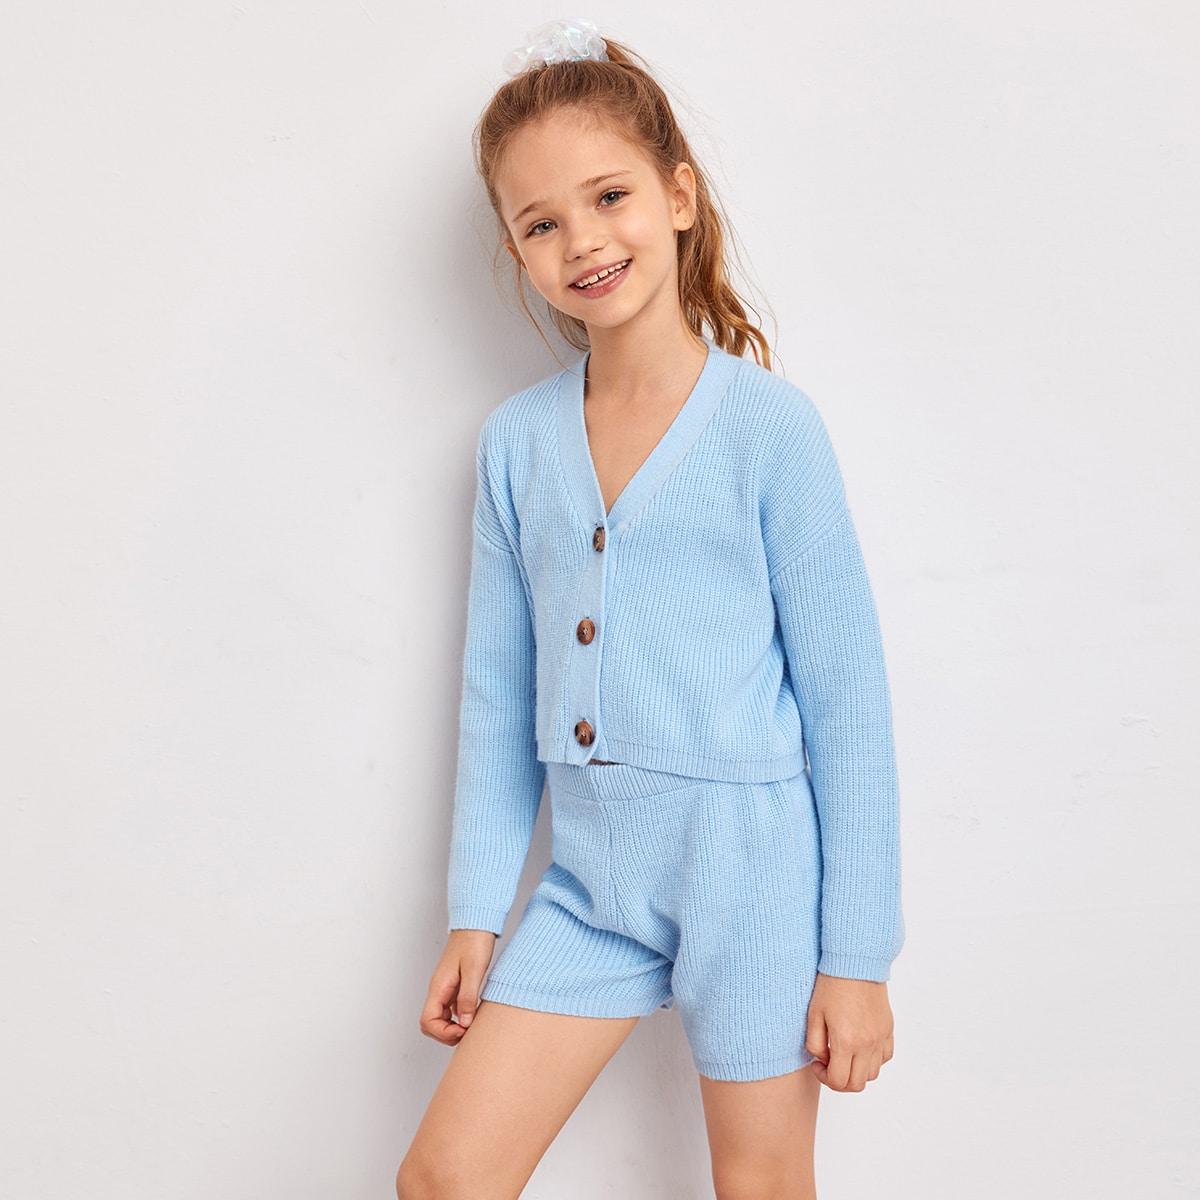 Кардиган с пуговицами и шорты для девочек